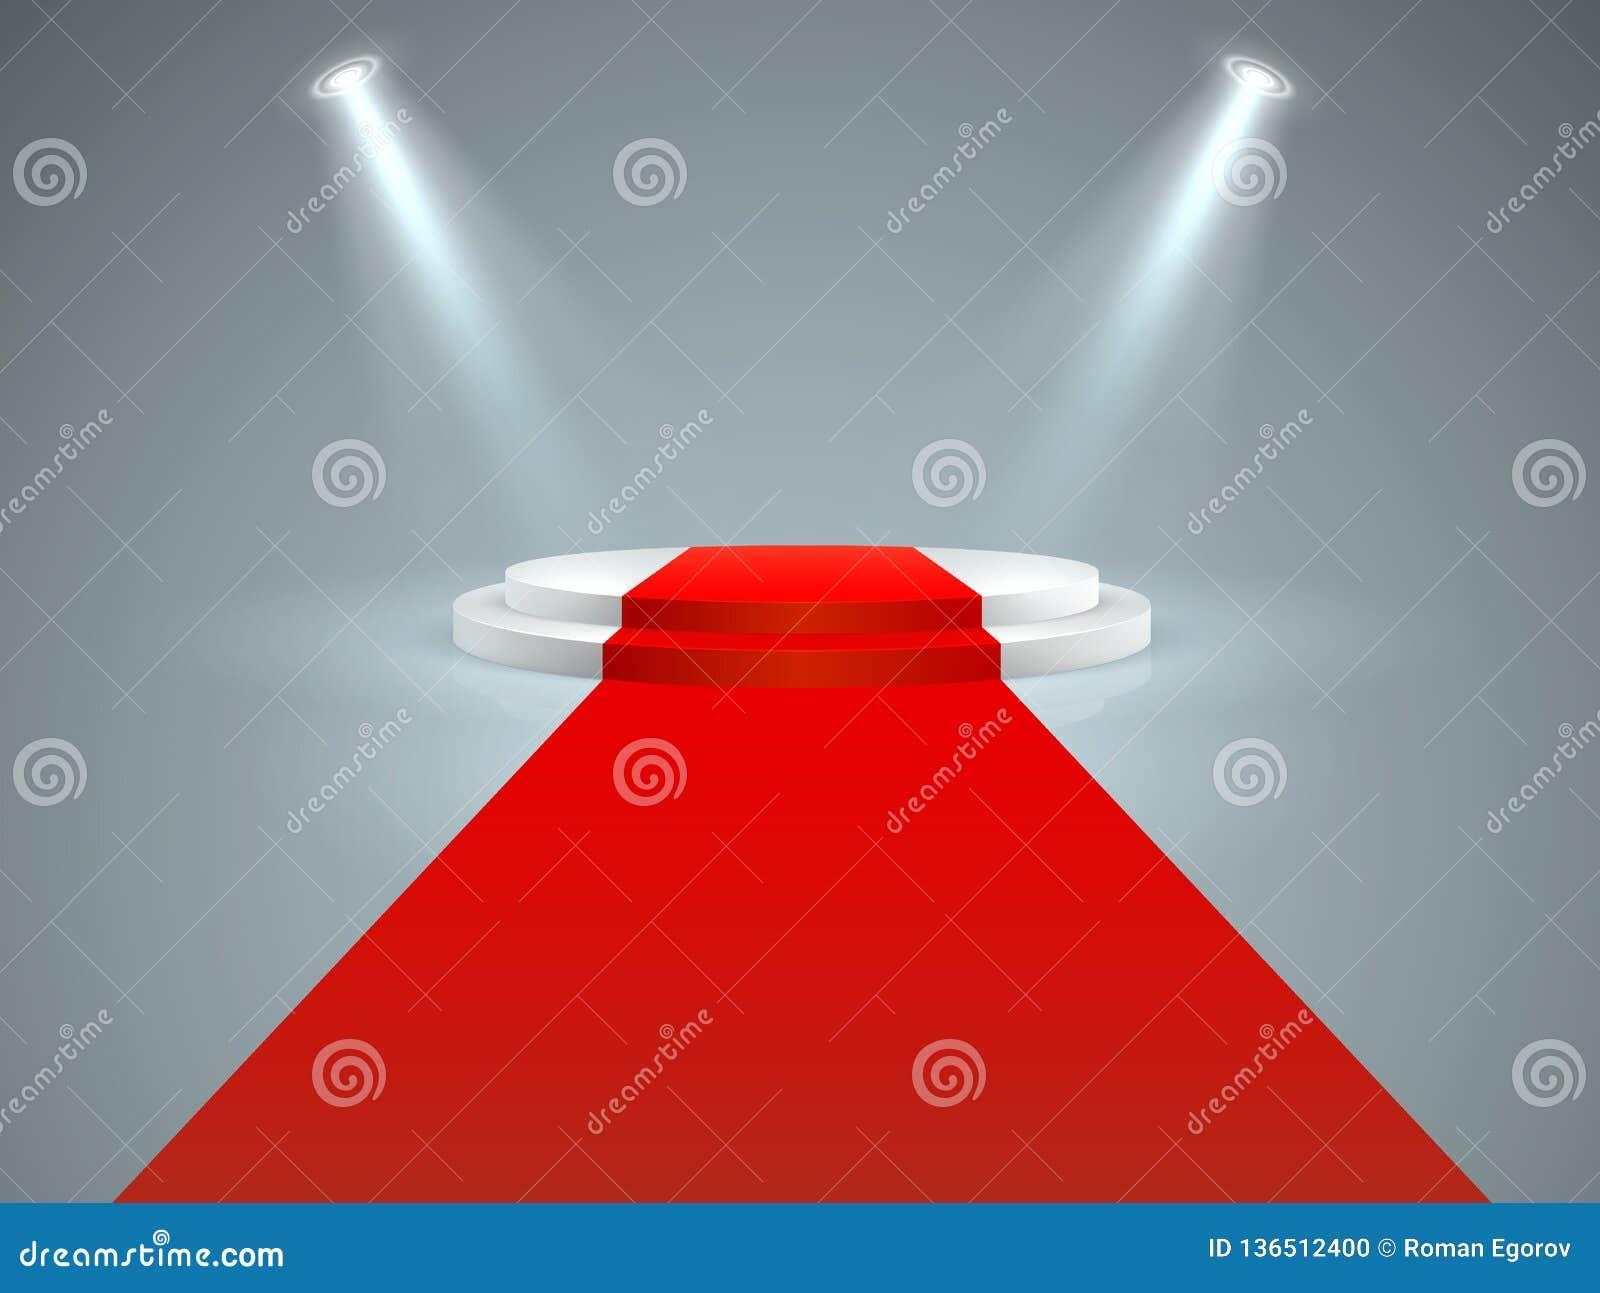 Upplyst podium Riktar uppmärksamheten på röd matta för golvet till det vita podiet, Hollywood filmpremiär, vip-kändislivsstil